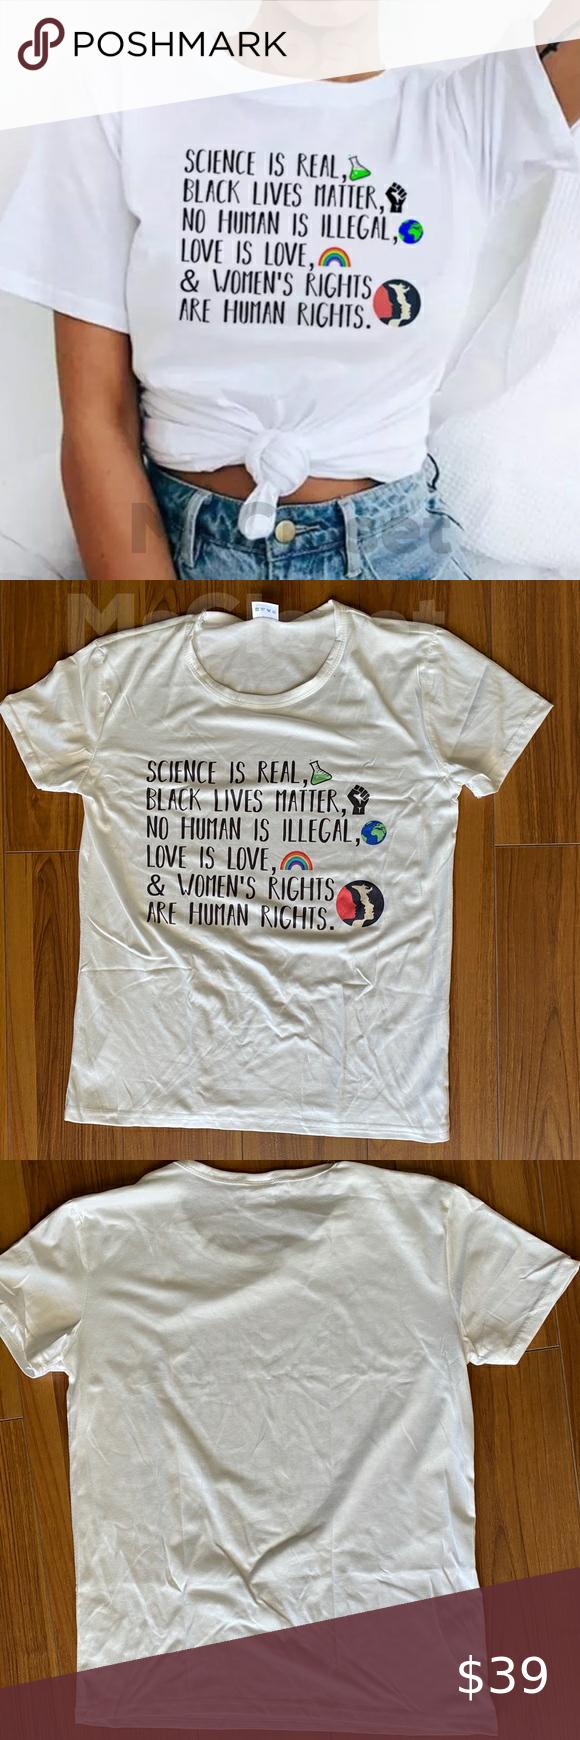 Social Justice T Shirt Justice Tshirts Shirts T Shirt